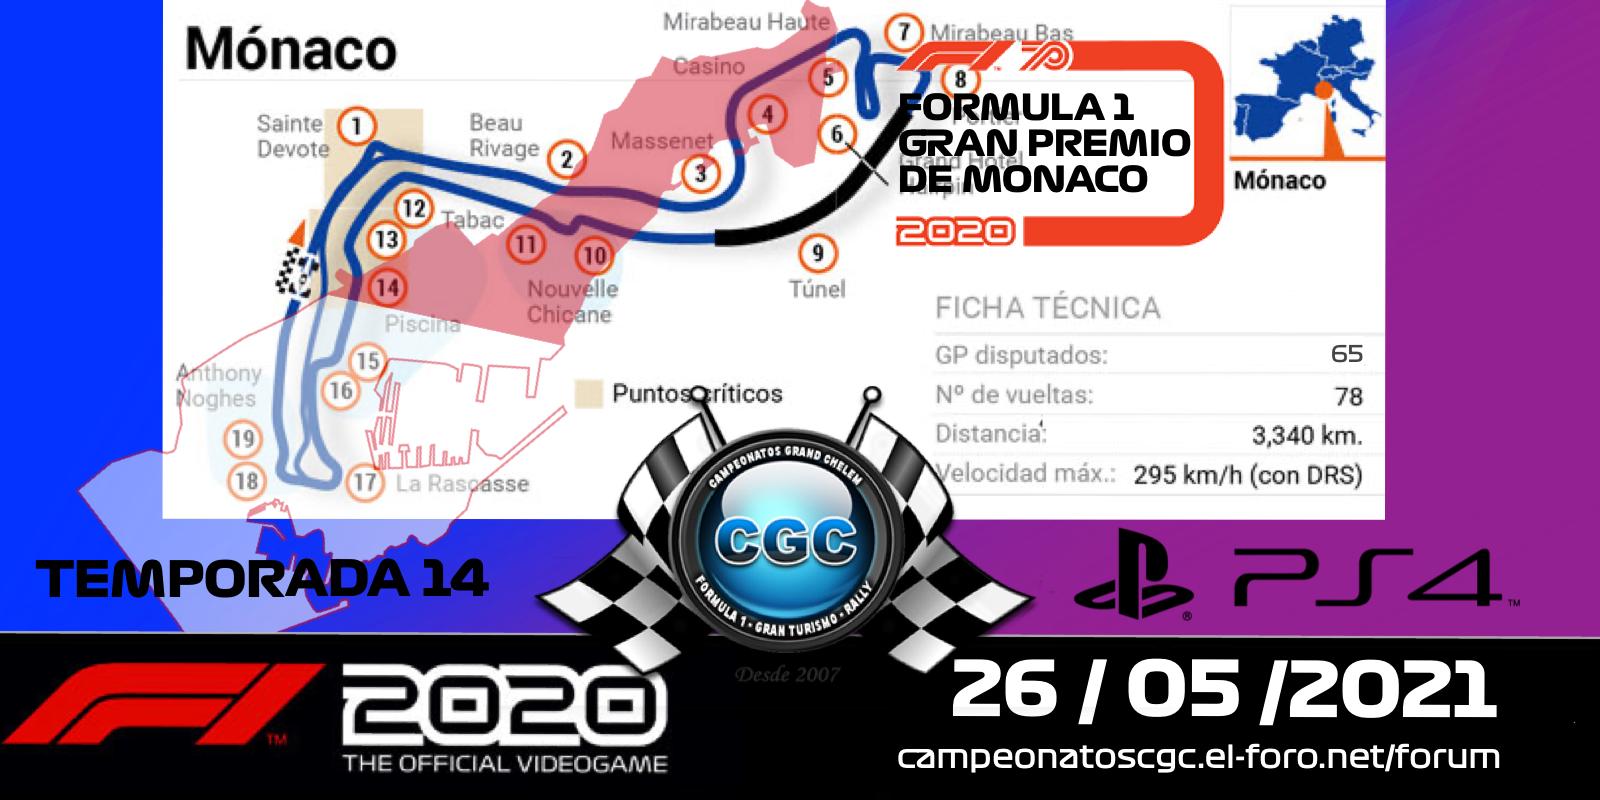 10 - GP de MONACO 26/05/2021 MS3I6BV